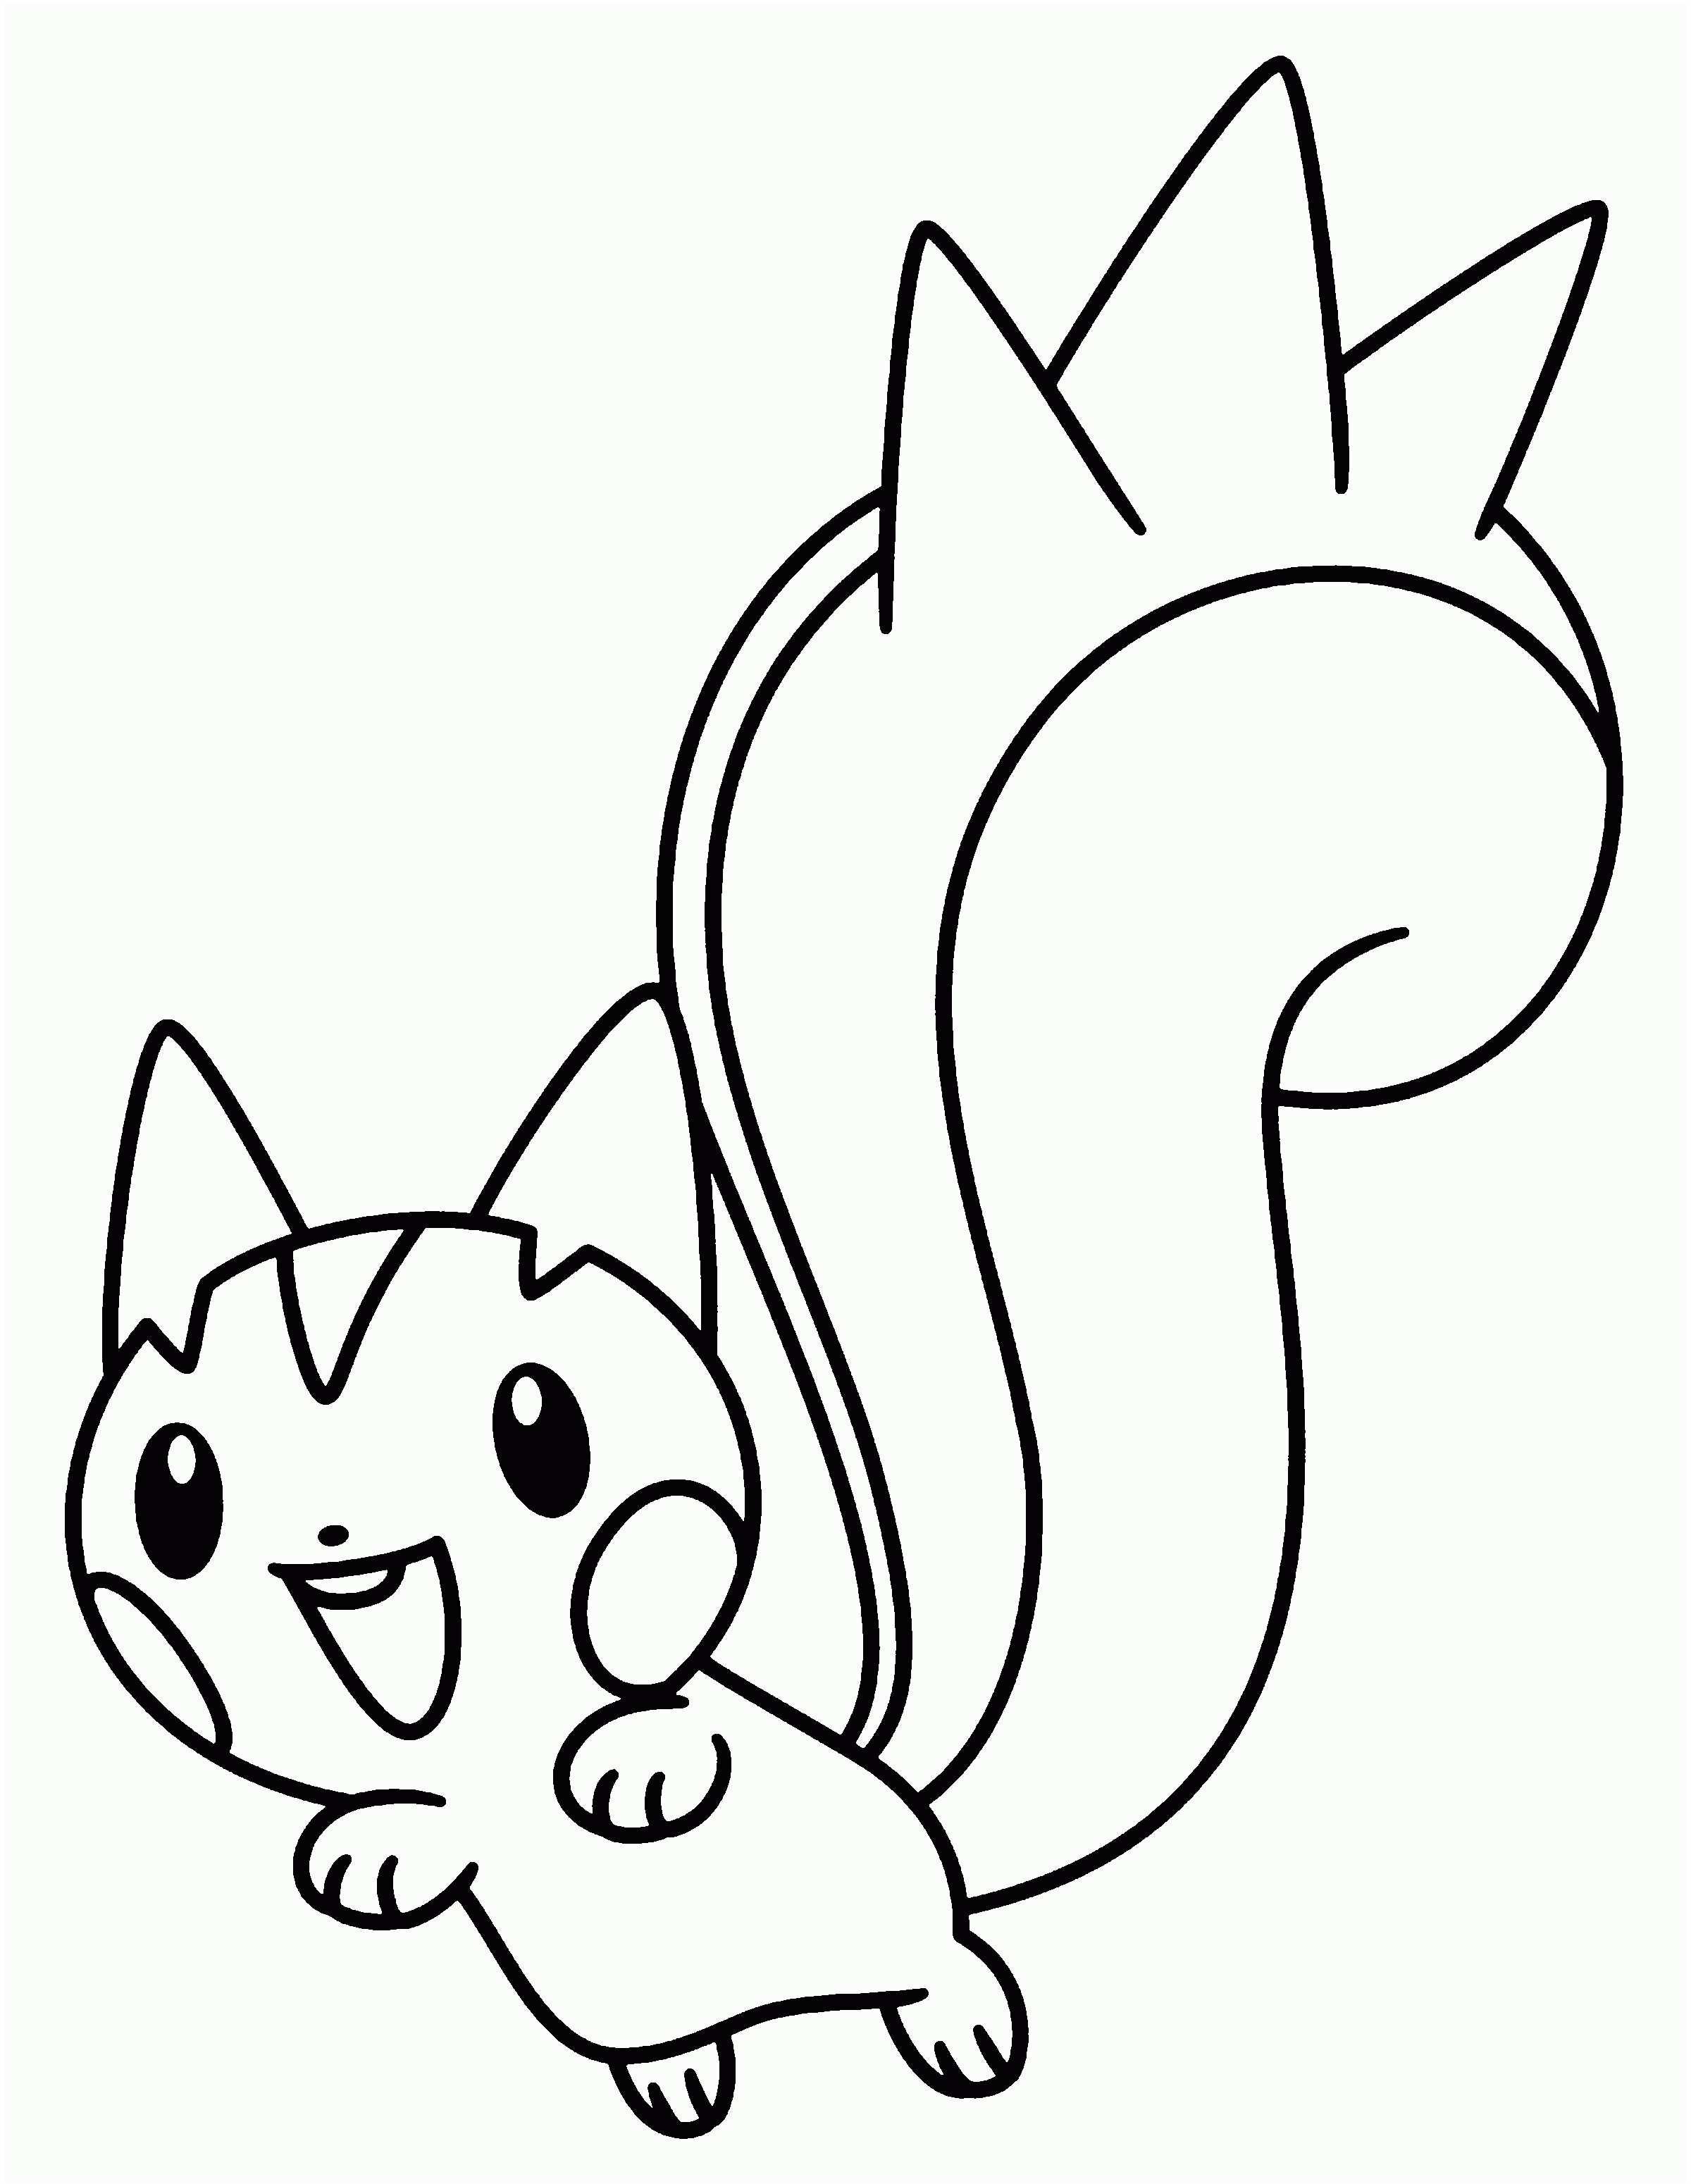 Ausmalbilder Pokemon Lucario Neu Pokemon Bilder Zum Ausdrucken Gemälde Frei Newsletter Fotos